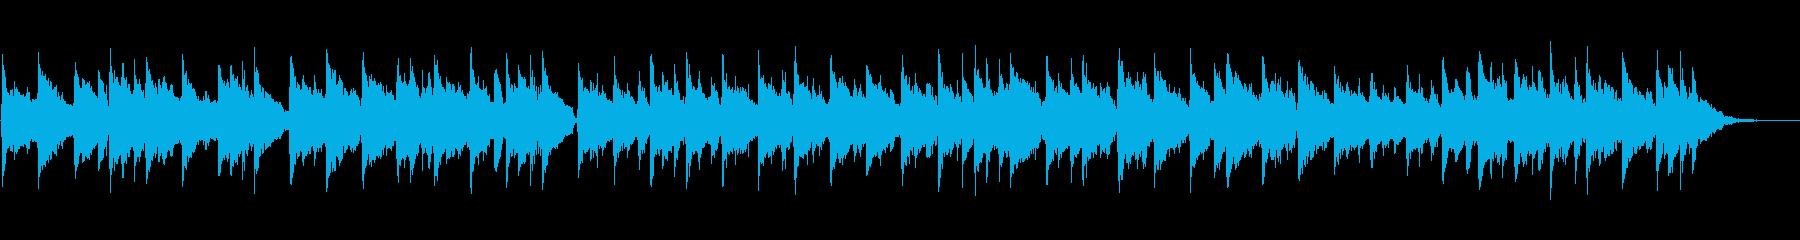 ほのぼのした雰囲気のフォークミュージックの再生済みの波形